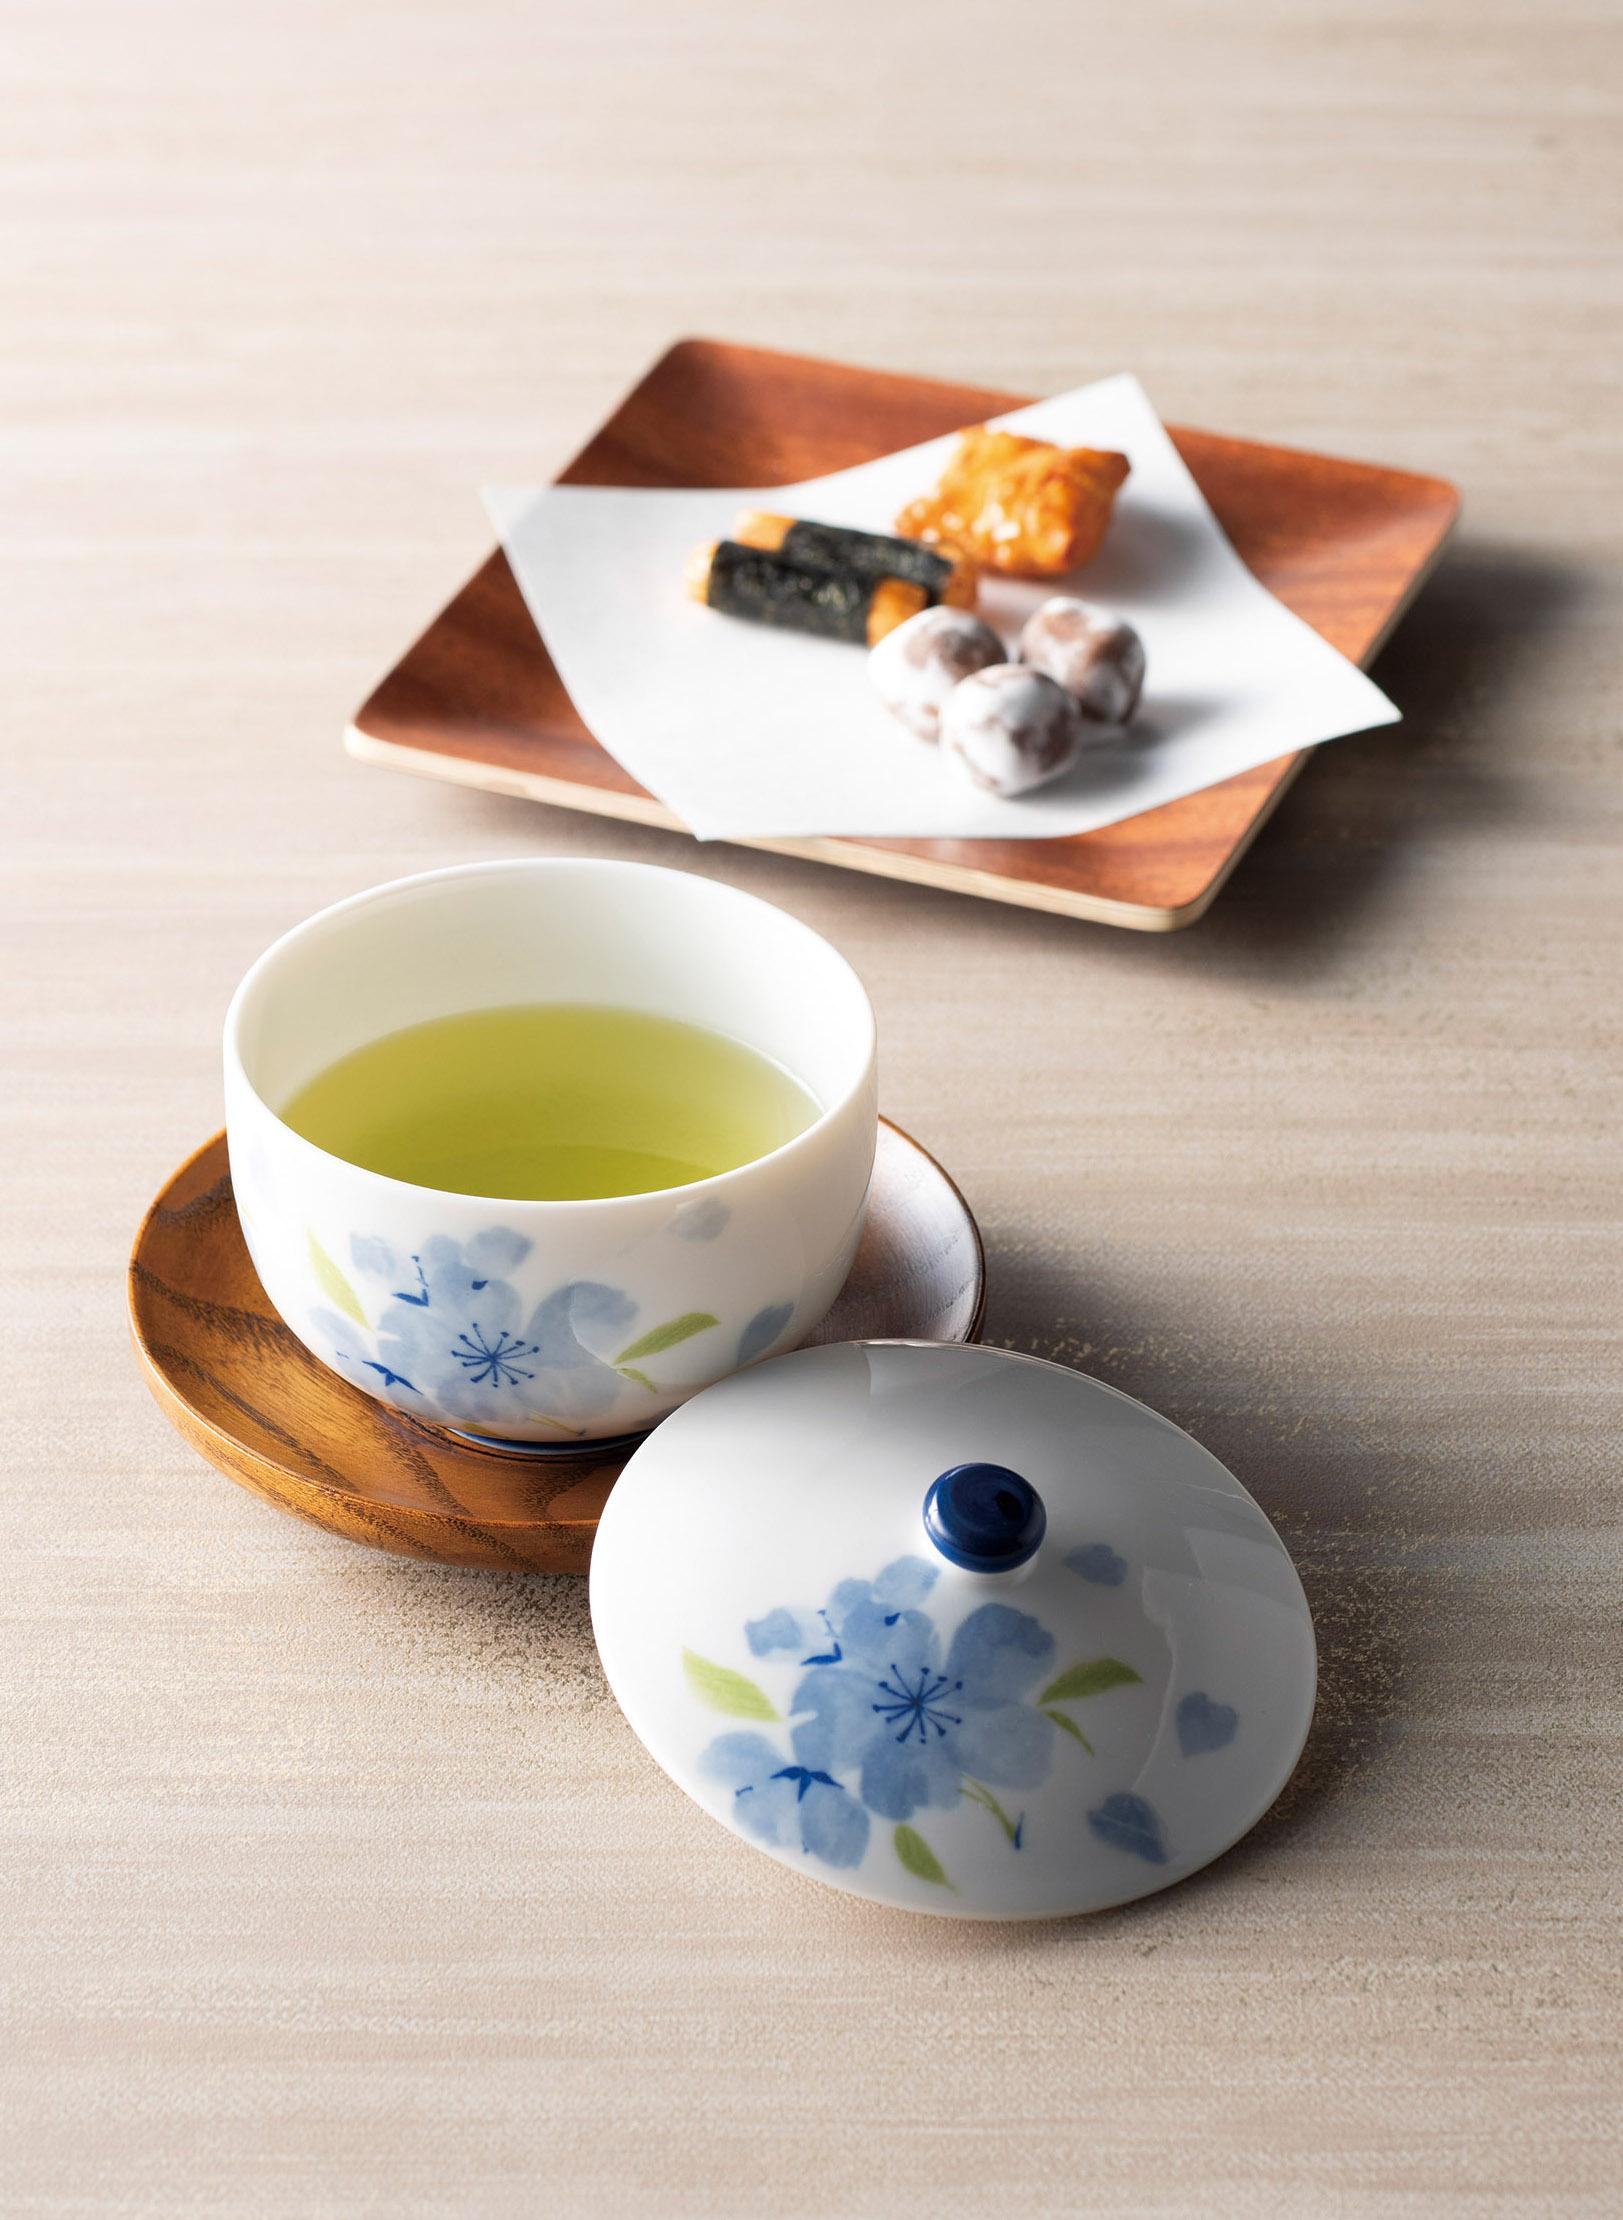 ブルー花散し蓋付煎茶 画像2